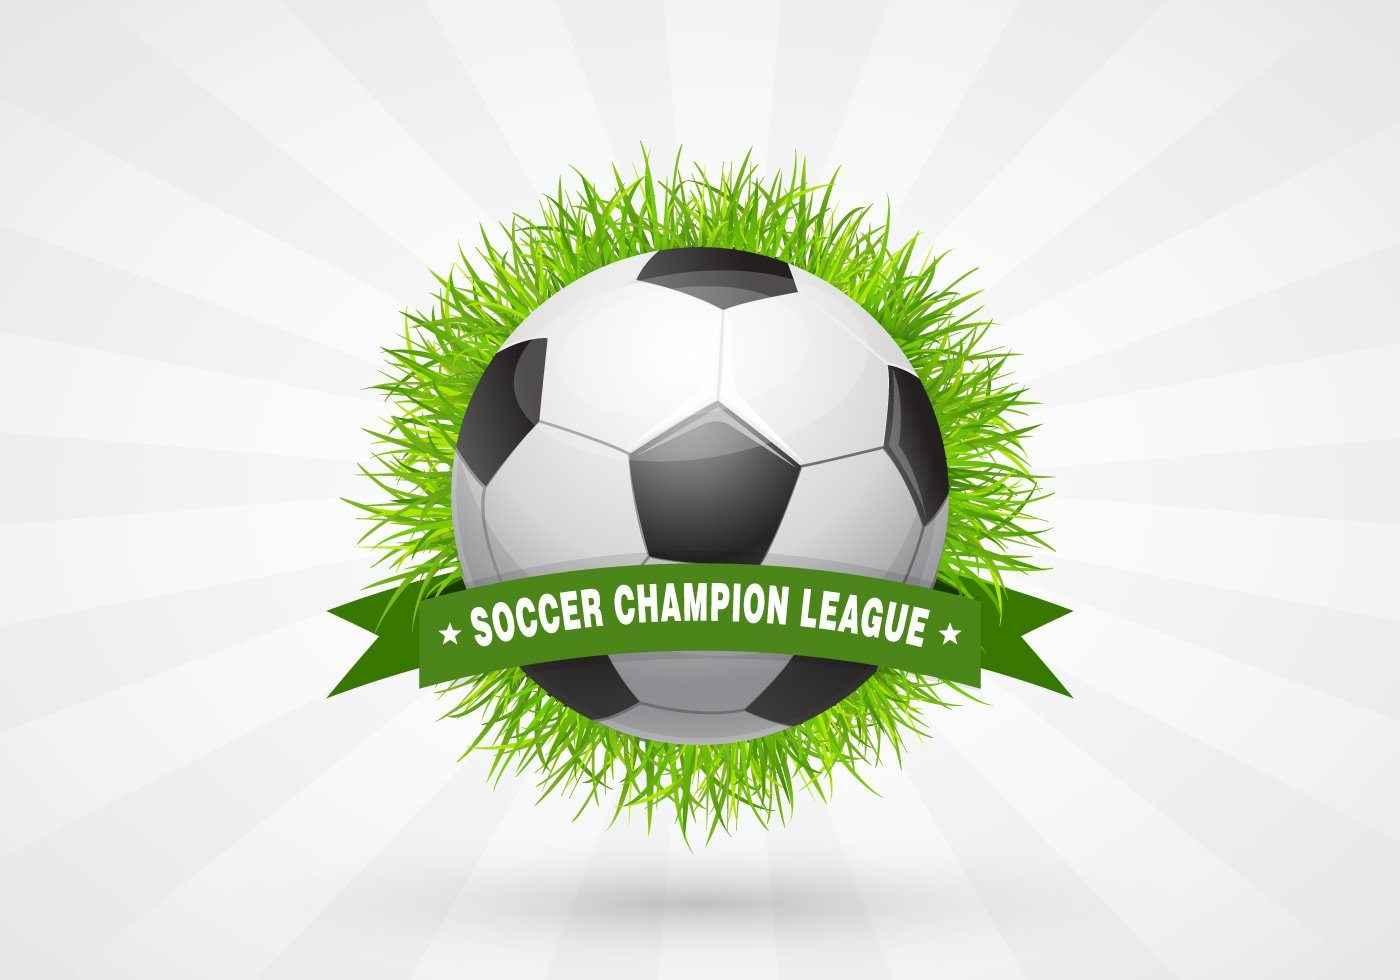 Soccer Champion League Design